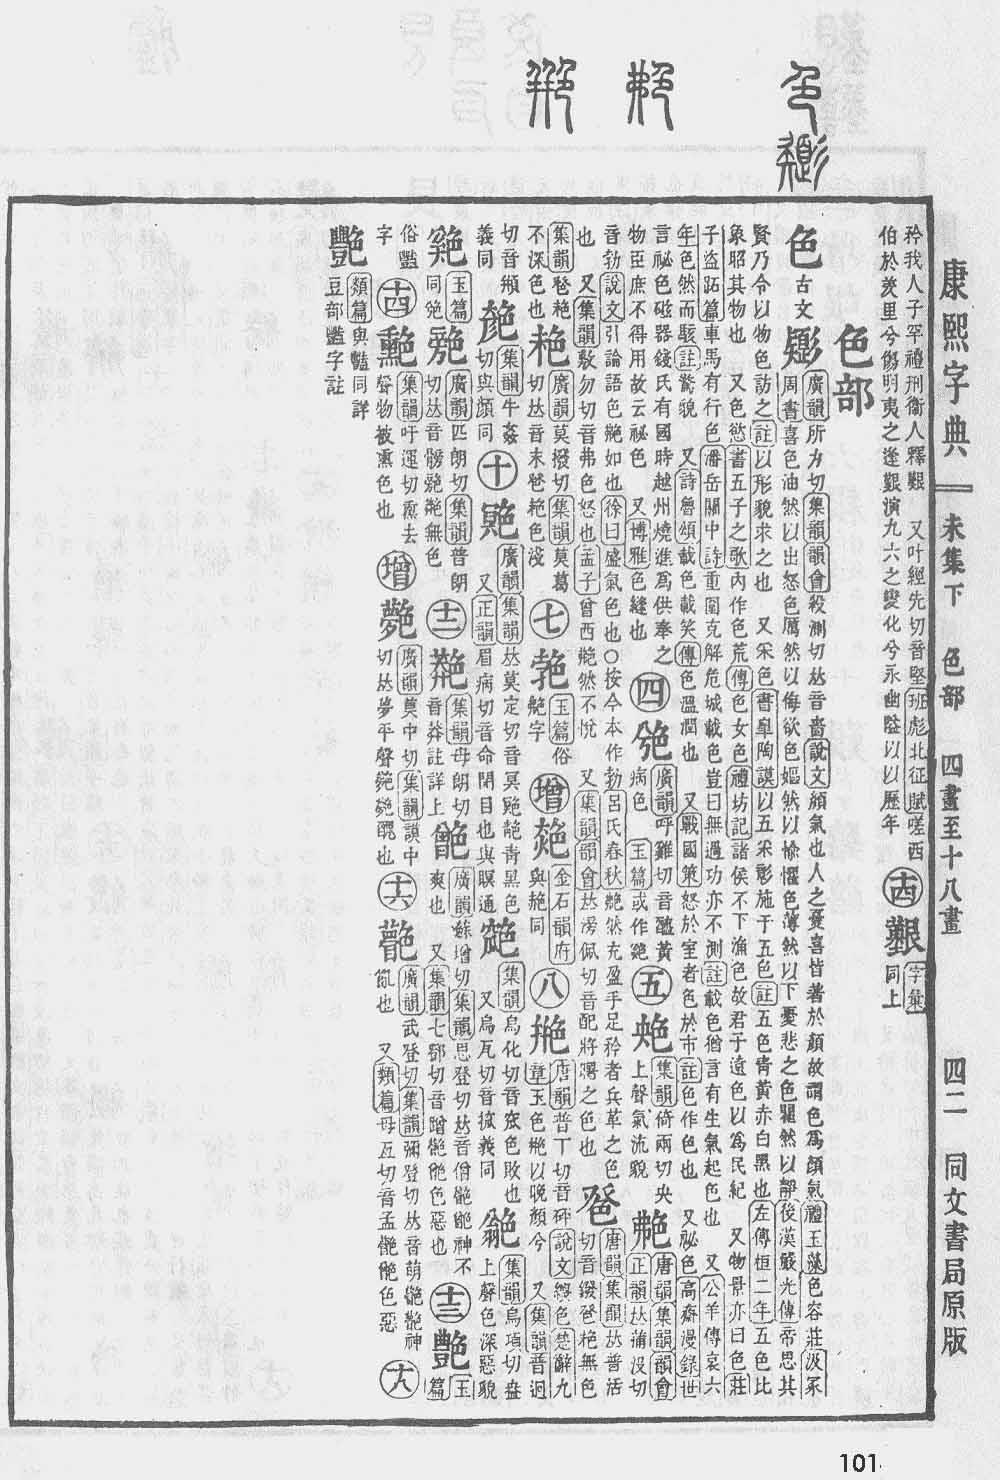 《康熙字典》第1014页